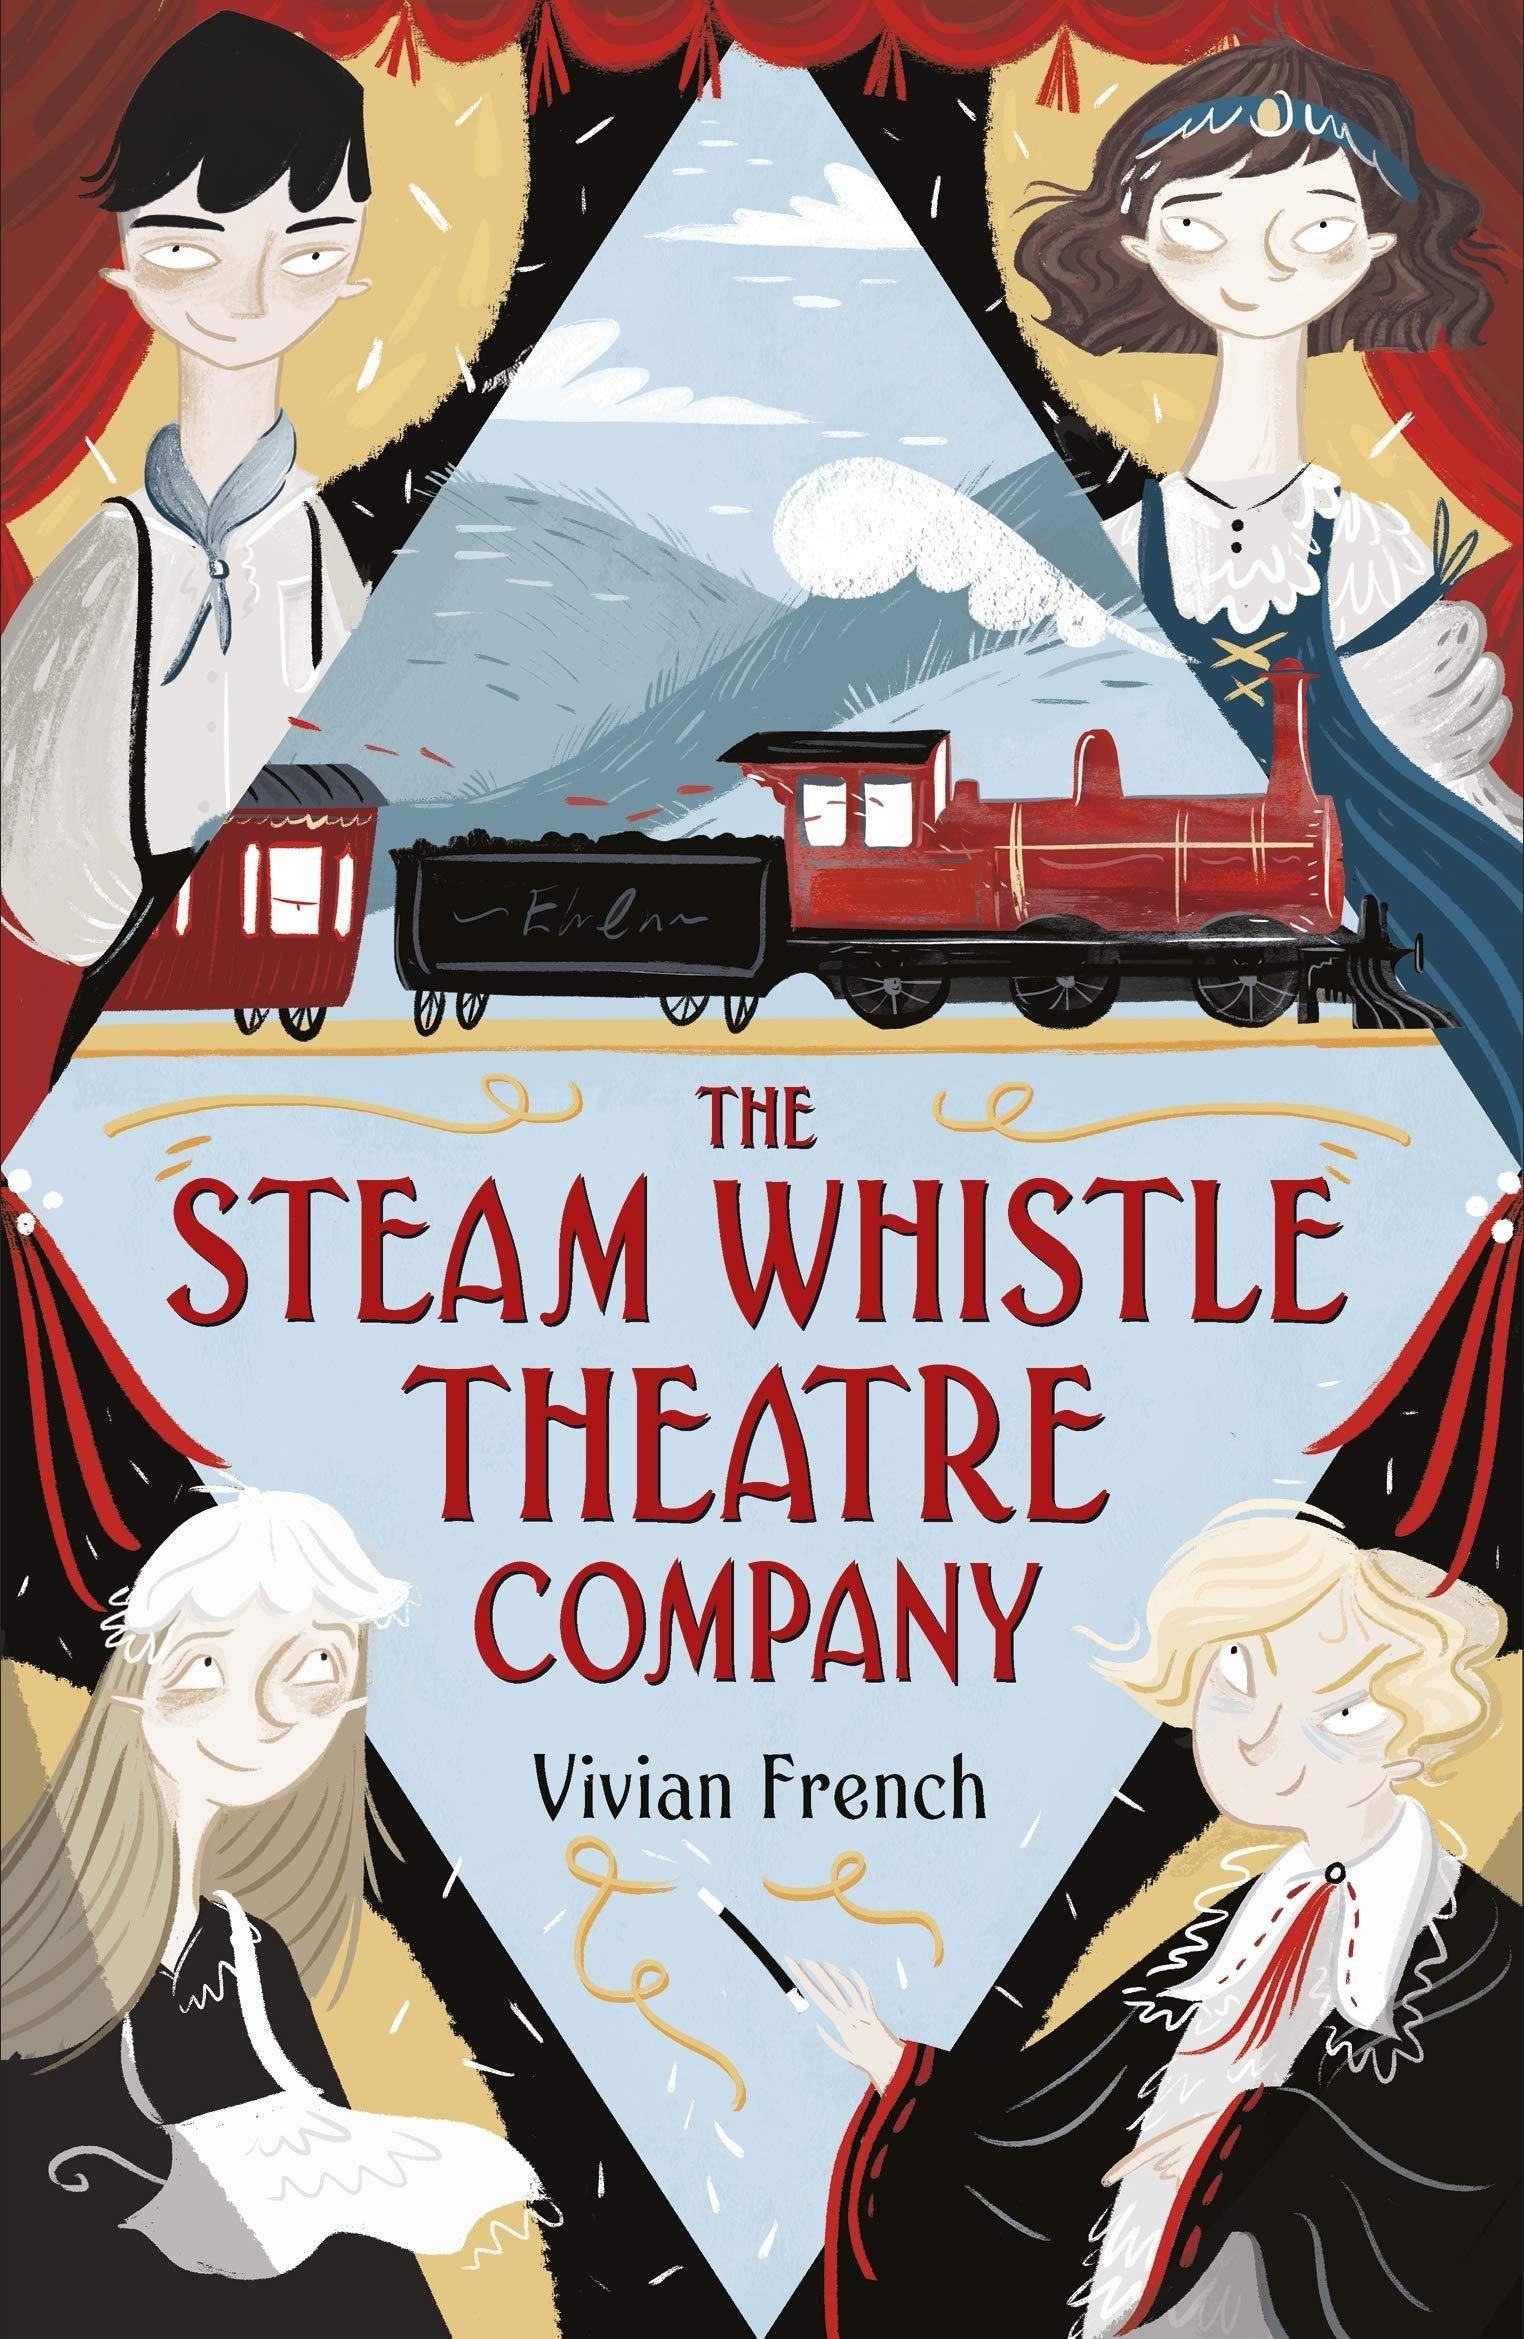 The Steam Whistle Theatre Company